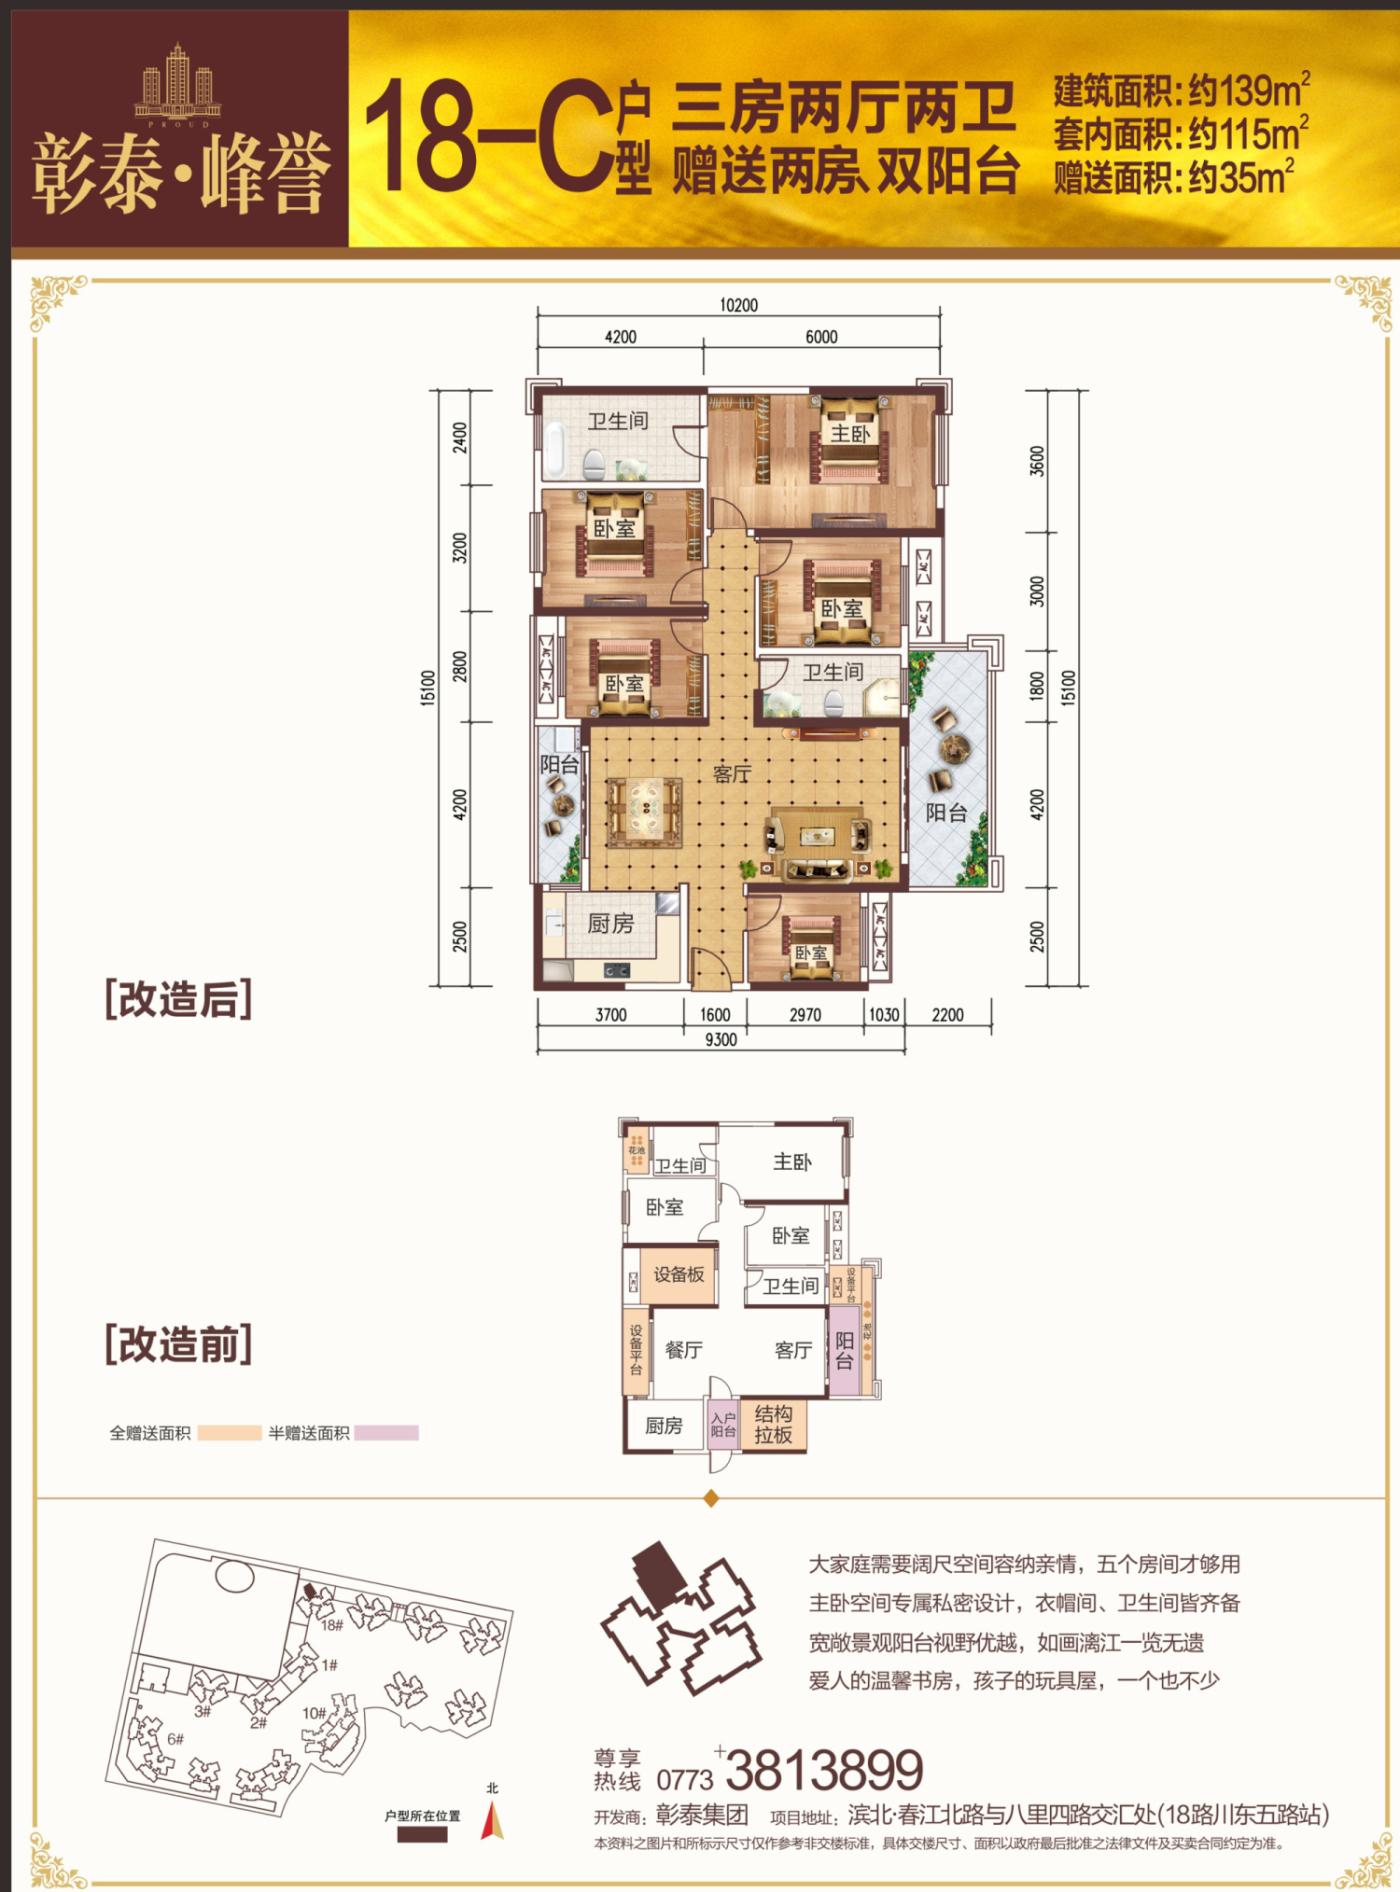 18-C三房两厅两卫